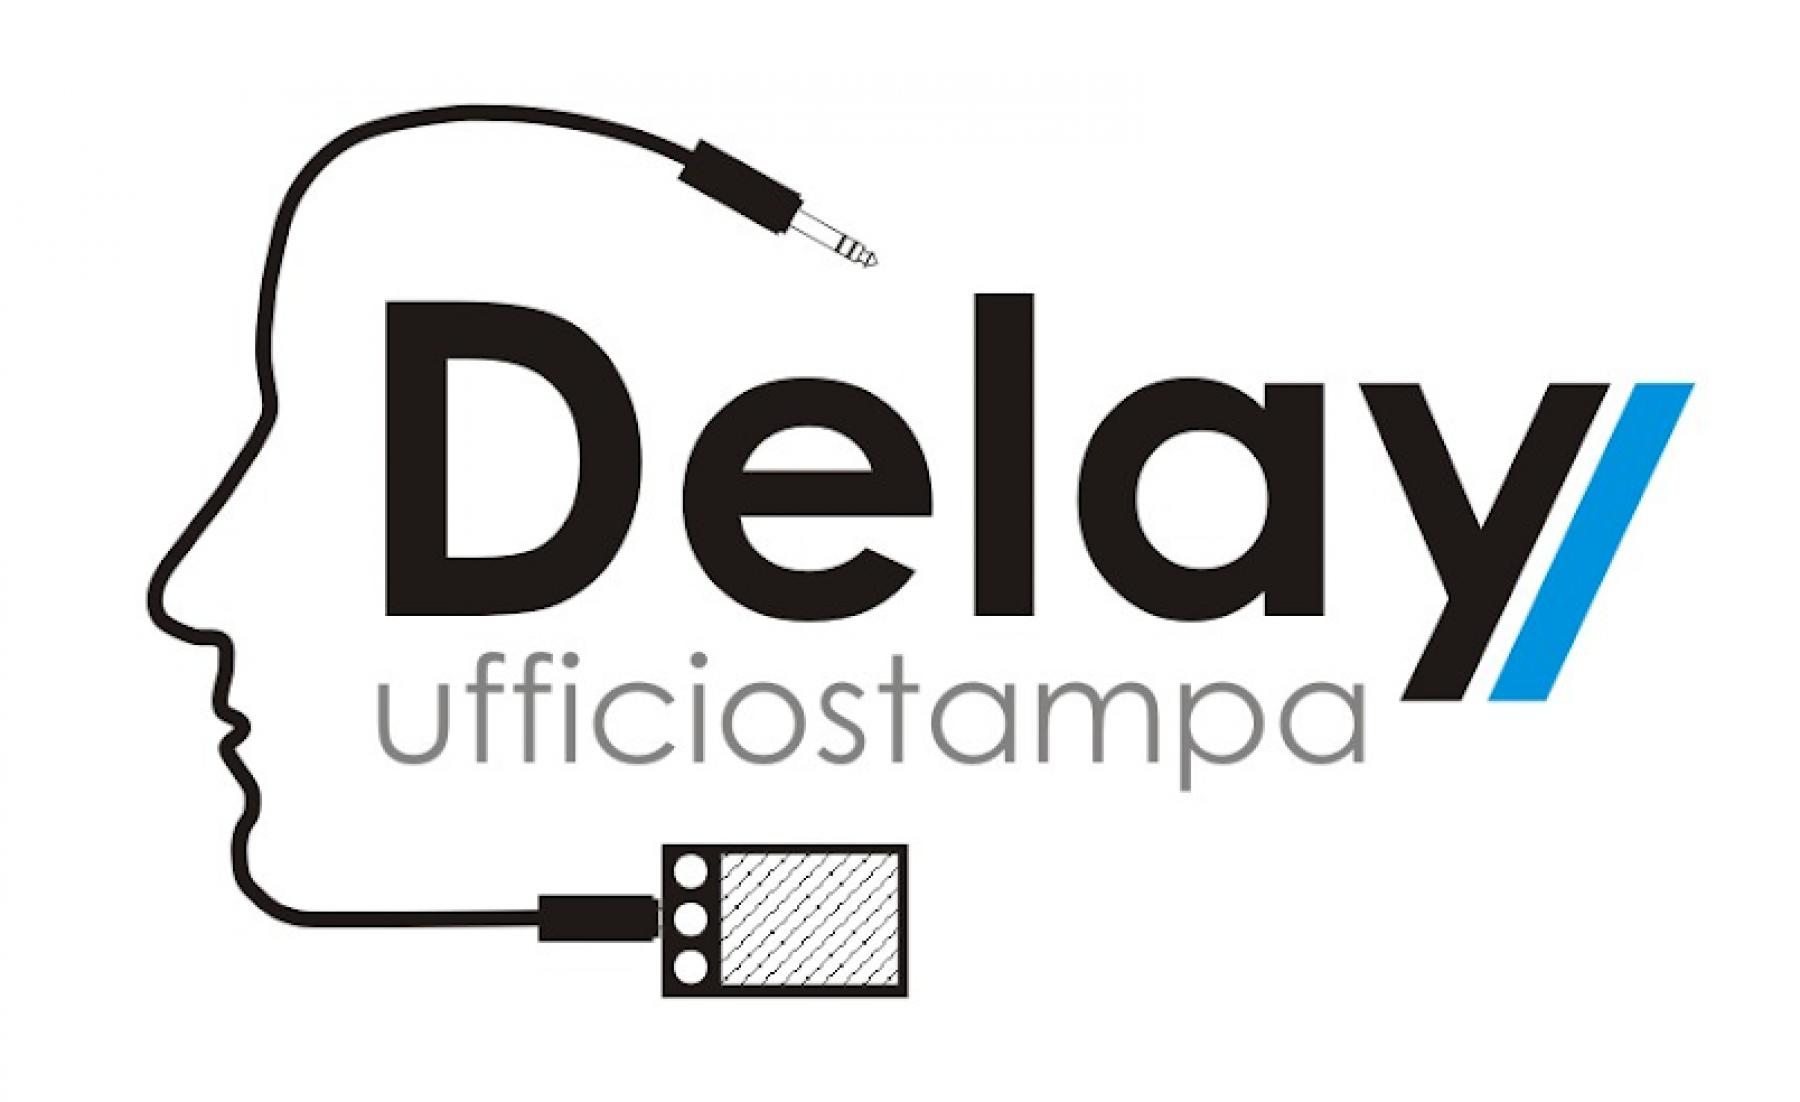 Delay Ufficio Stampa